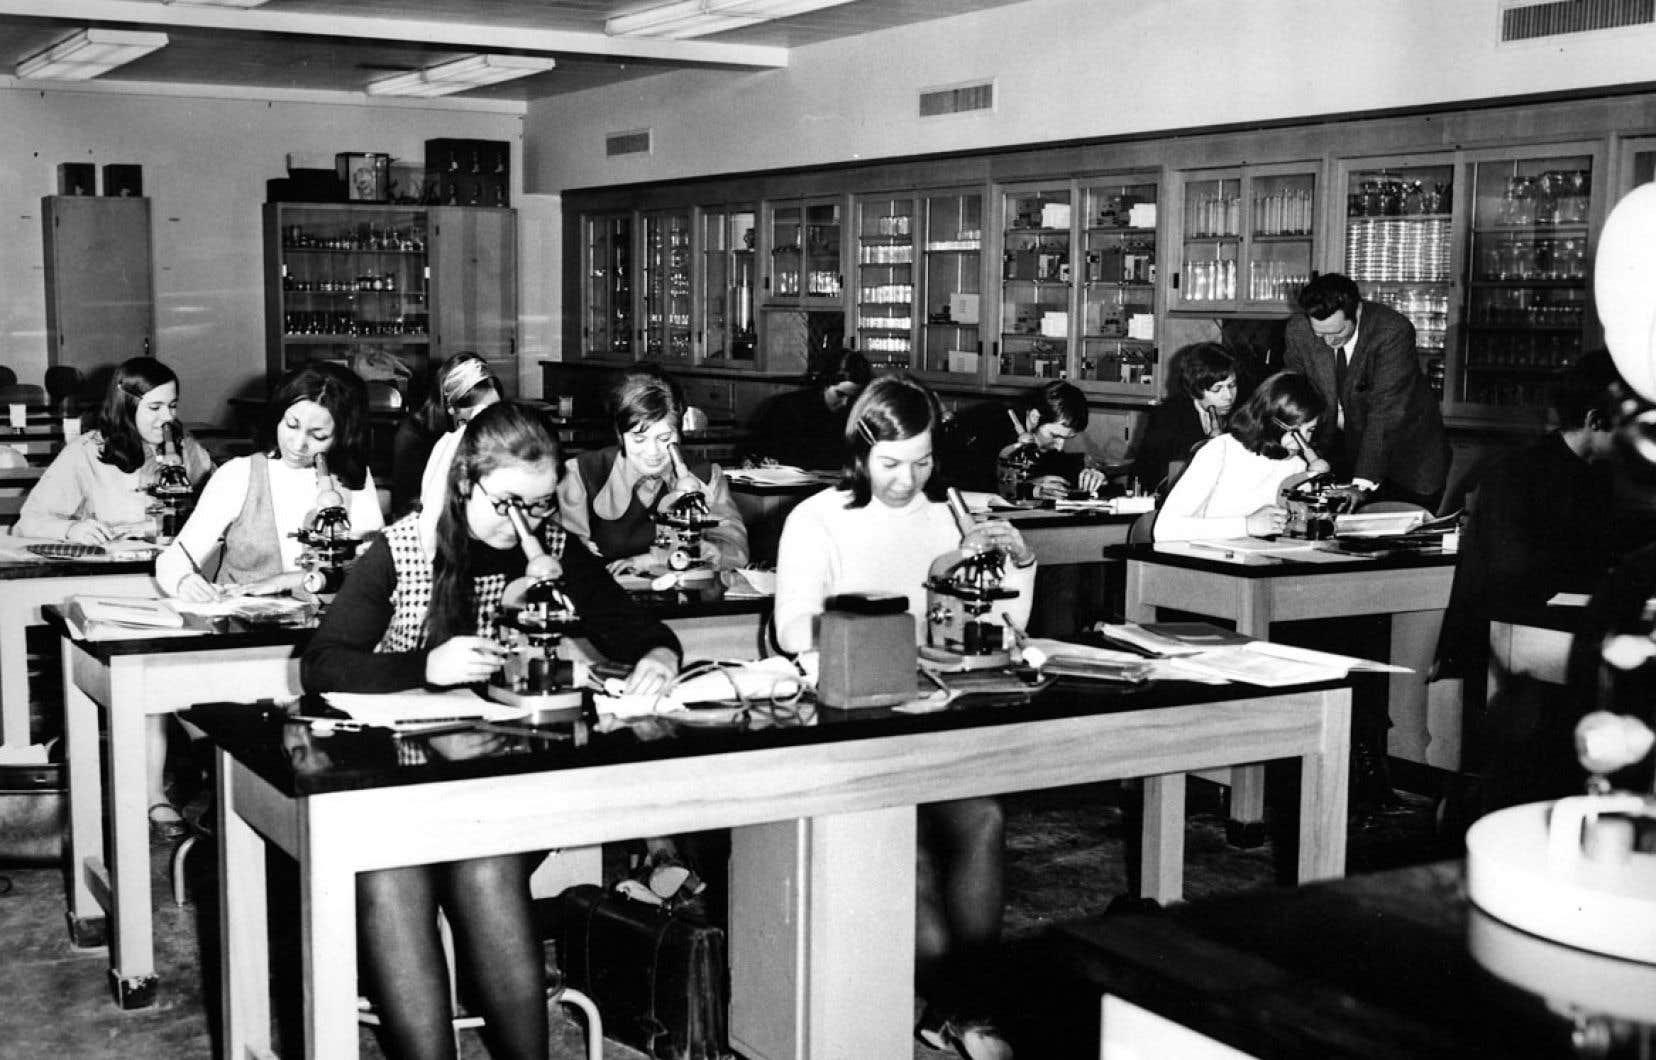 Cours de biologie dans les années 1960 au collège de Bois-de-Boulogne